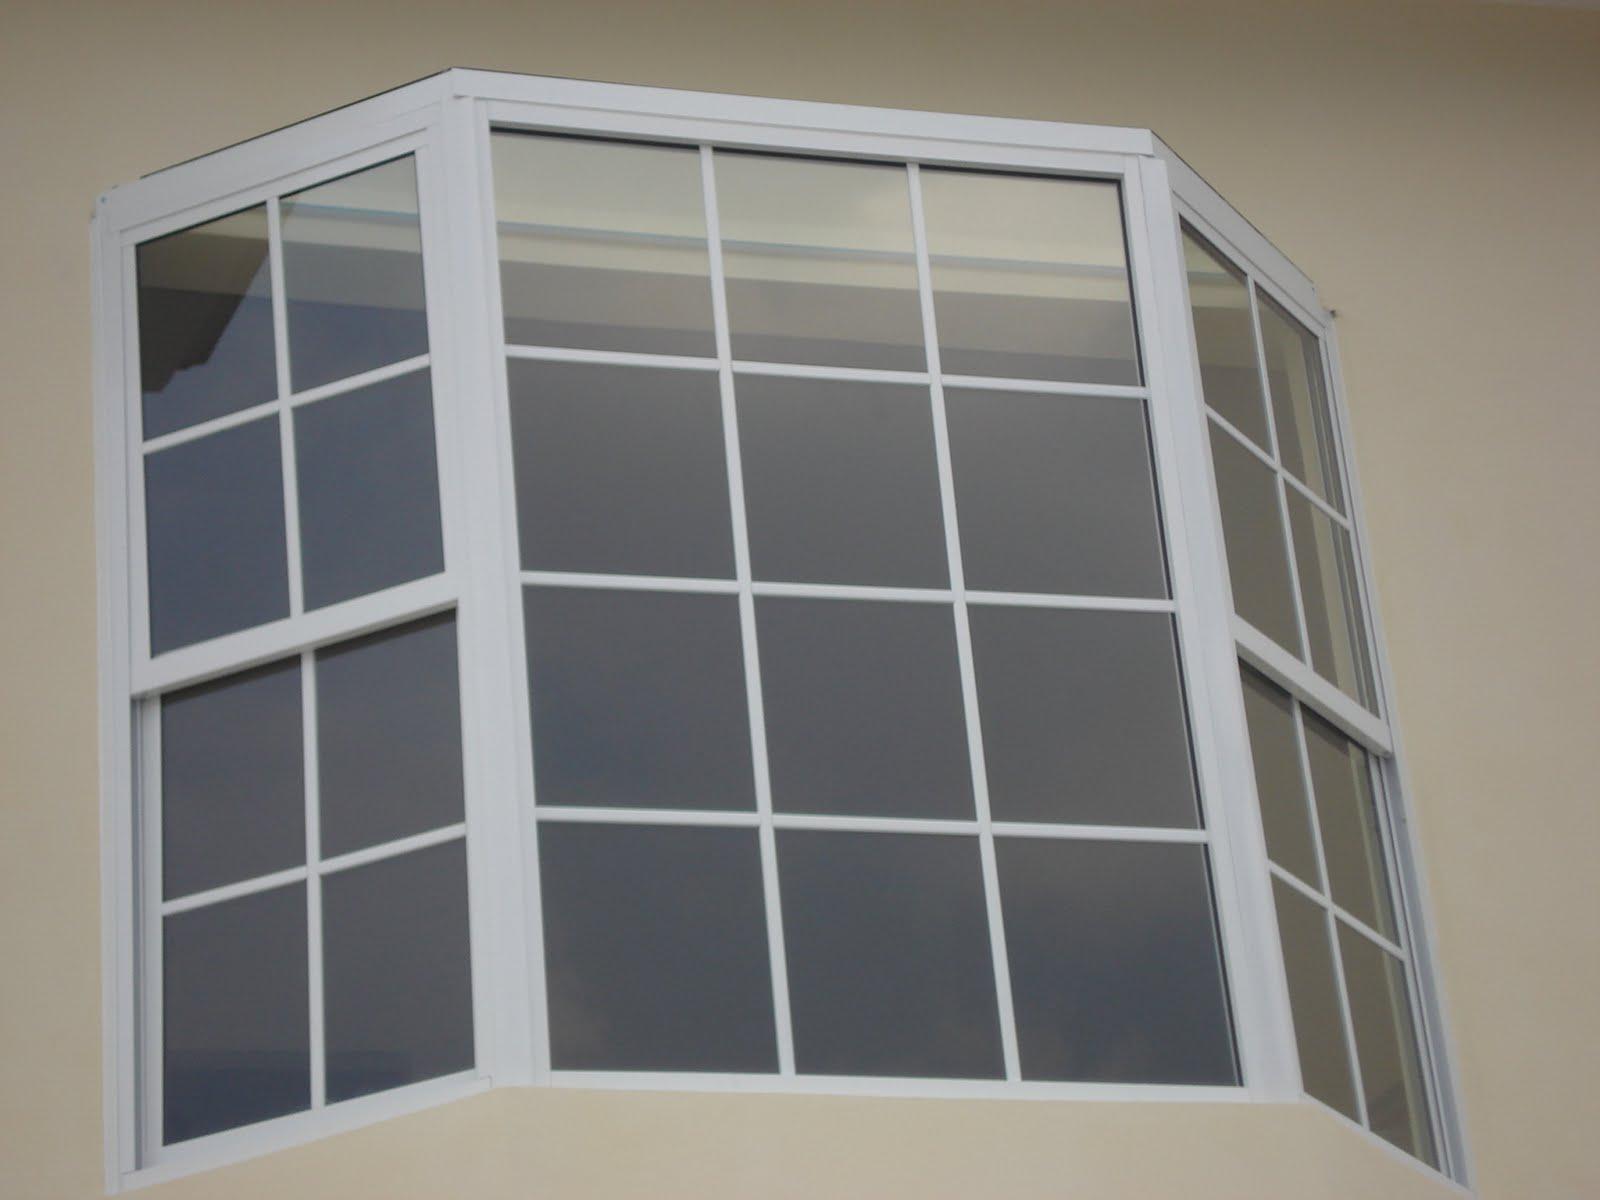 Portafolio de dise o 4 colocacion de ventanas de vivienda for Tipos de aluminio para ventanas